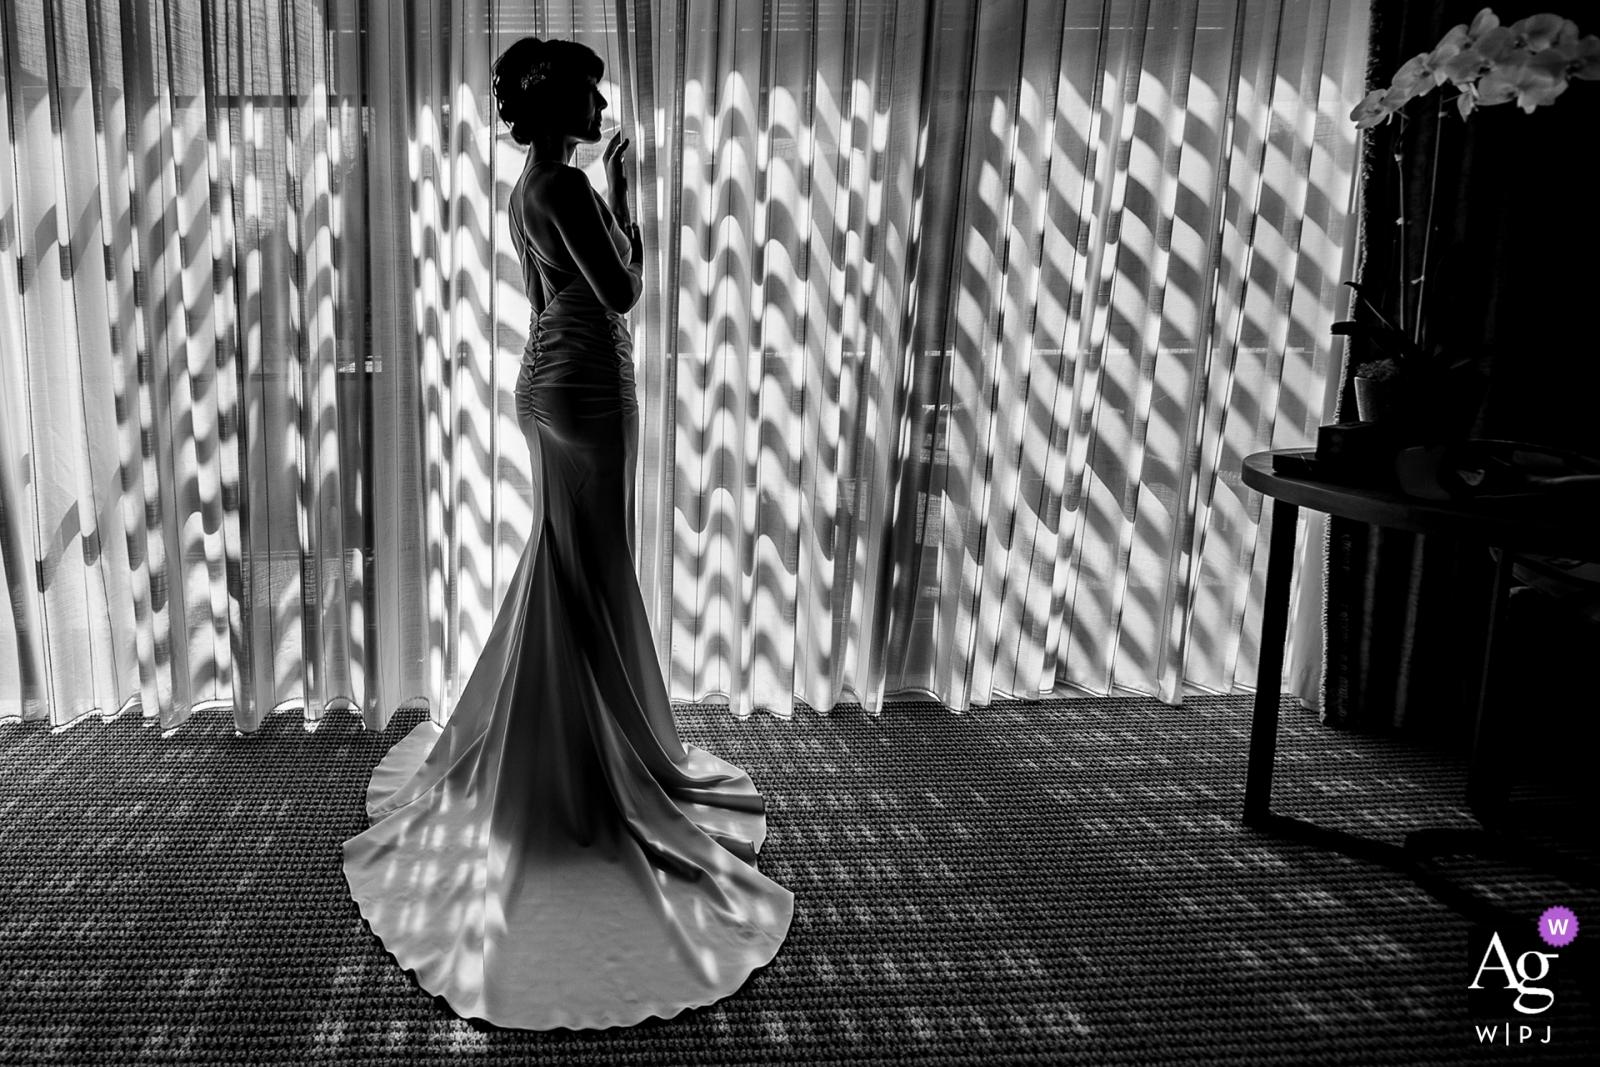 Dit zwart-witte silhouetfoto van de bruid die voor de ramen stond, werd gevangen genomen door een huwelijksfotograaf uit Noord-Californië in San Francisco